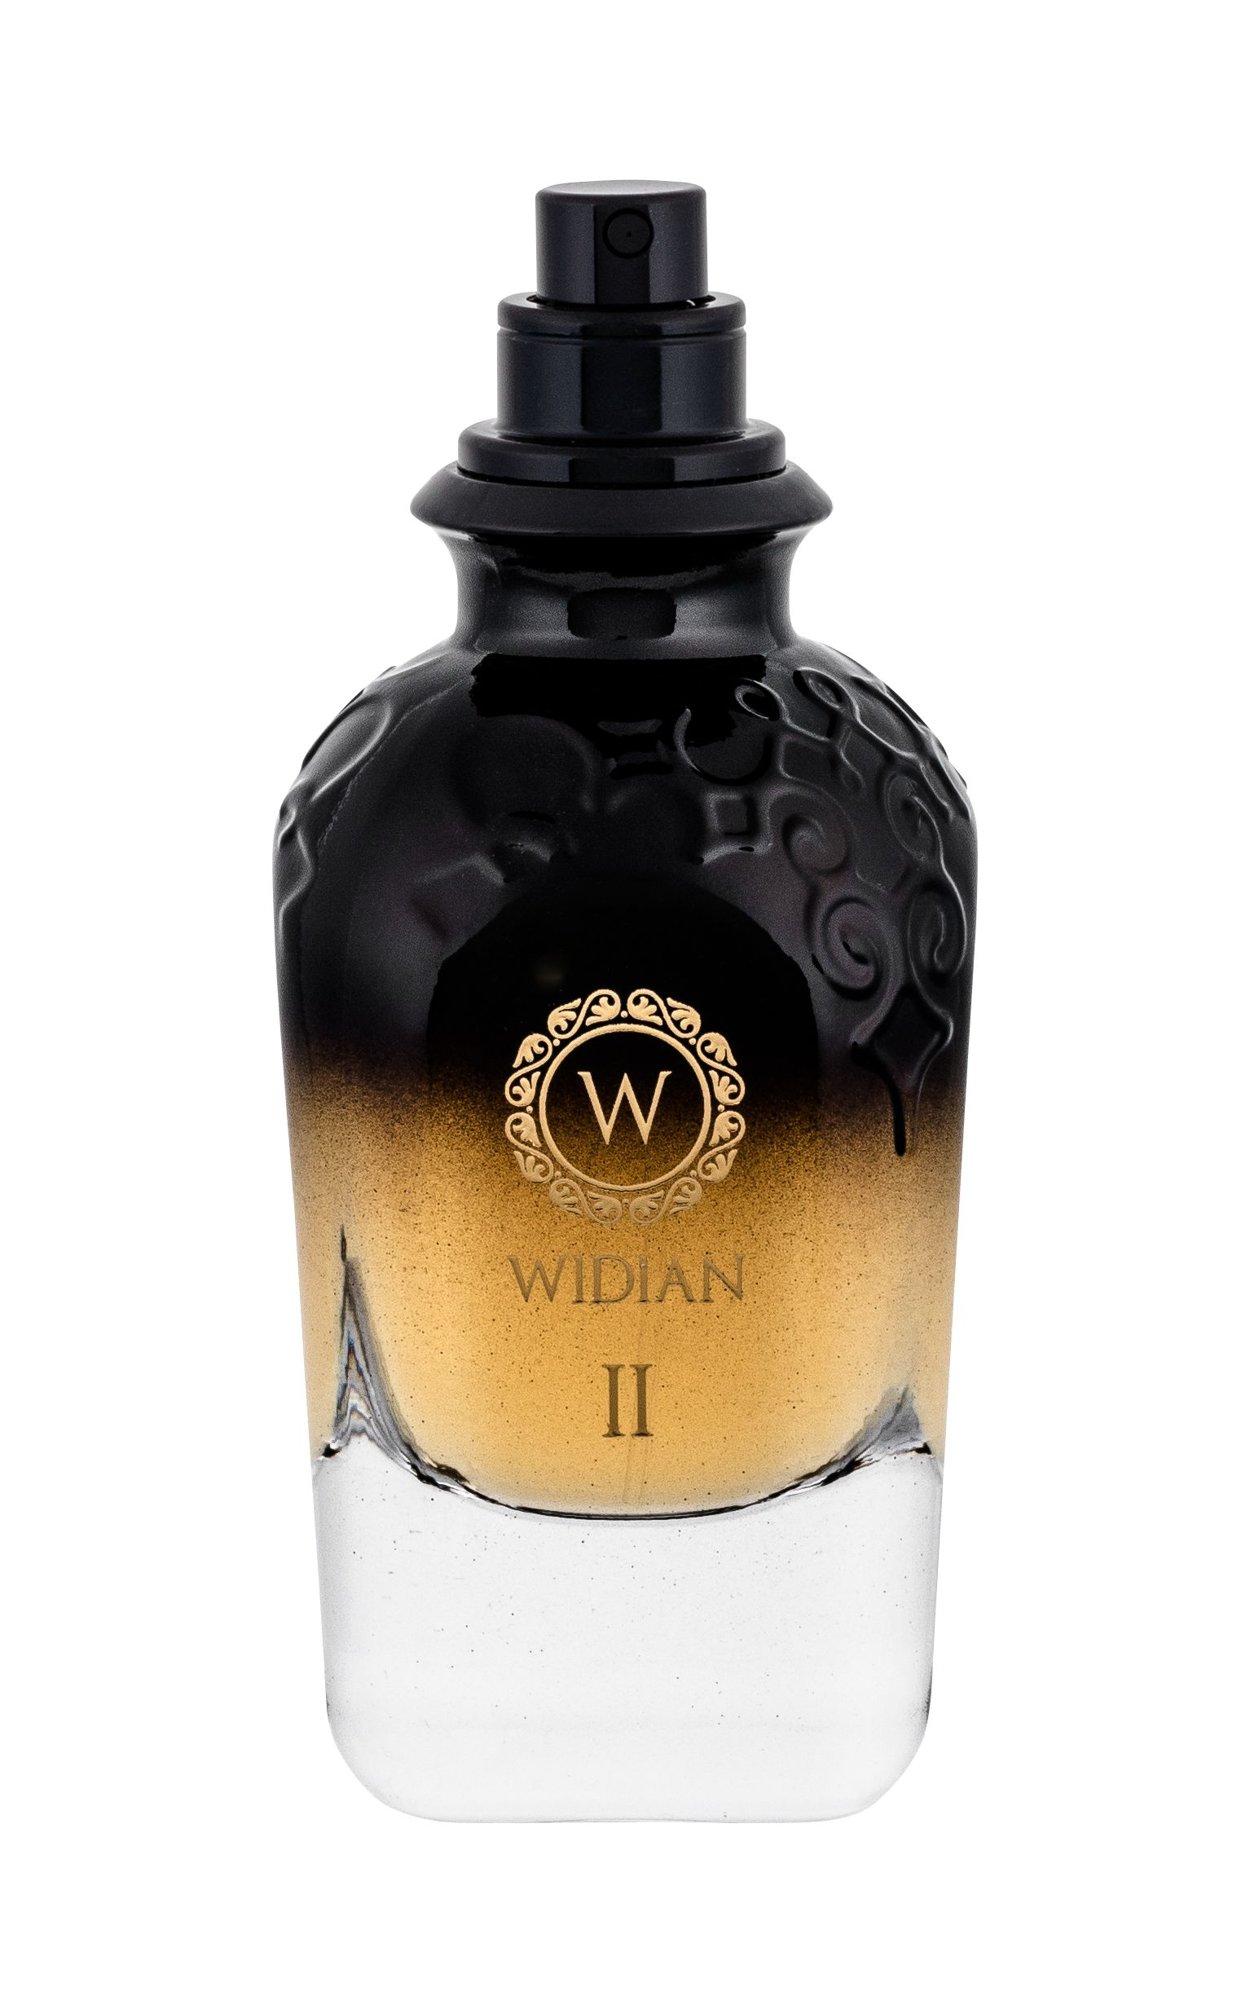 Widian Aj Arabia Black Collection II Perfume 50ml